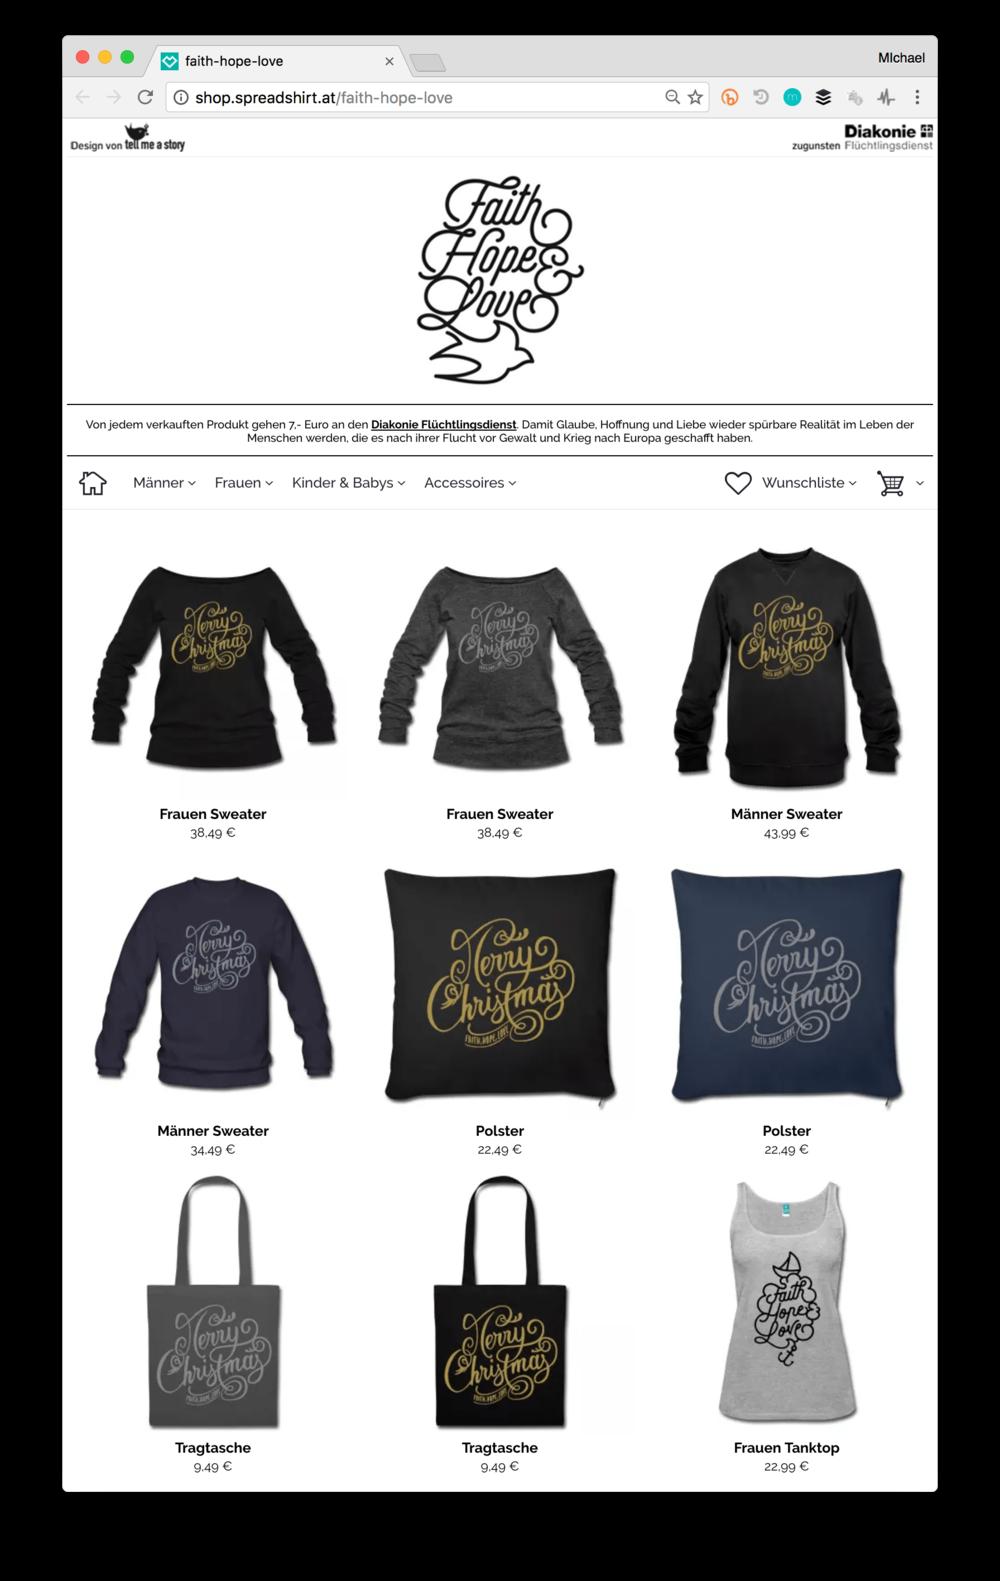 Faith-Hope-Love Webshop Screenshot mit Produkten